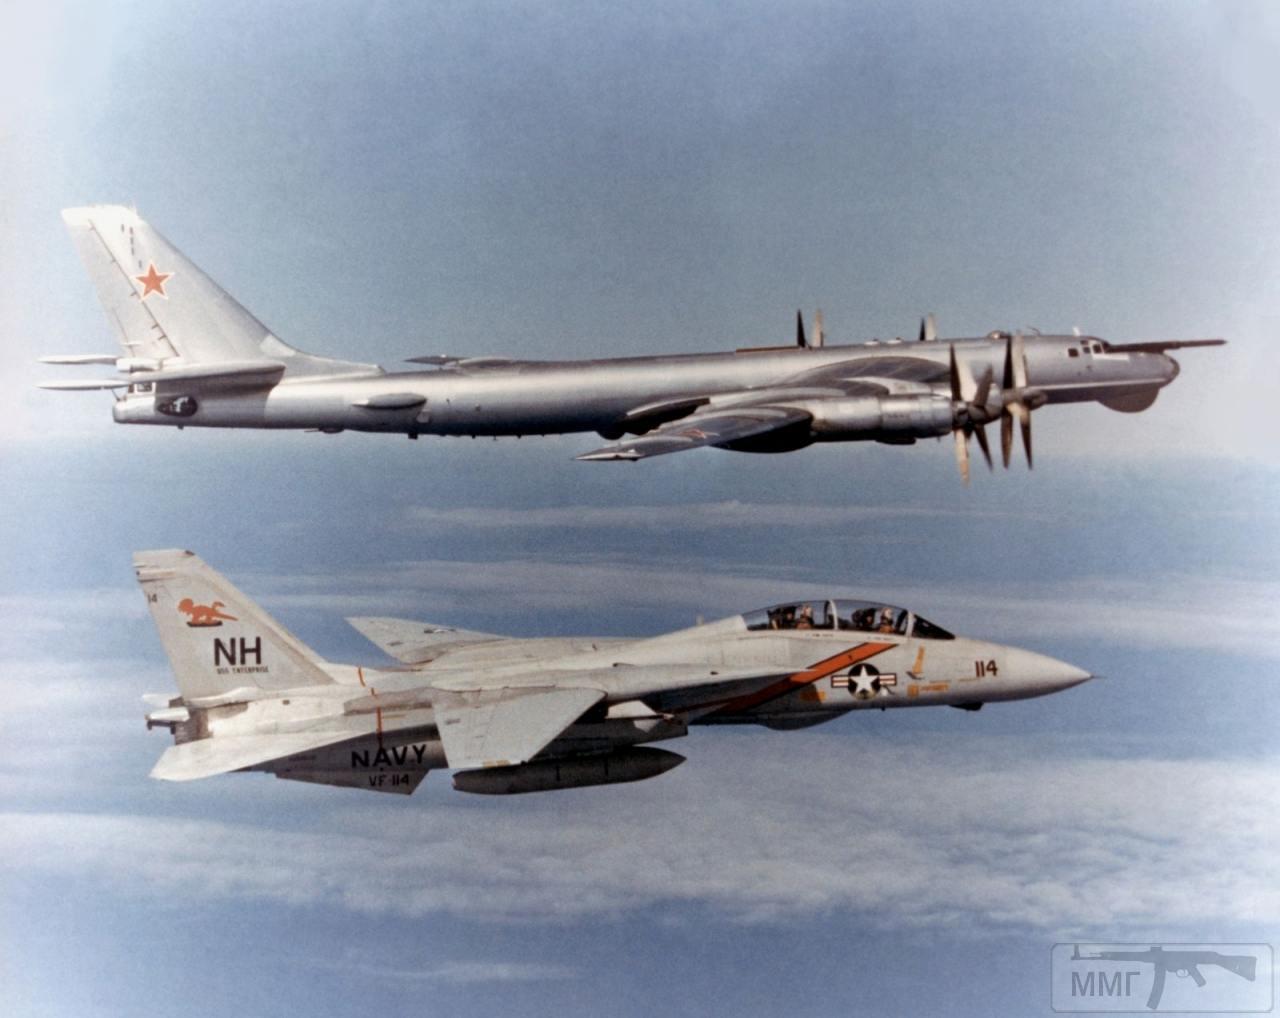 28539 - Красивые фото и видео боевых самолетов